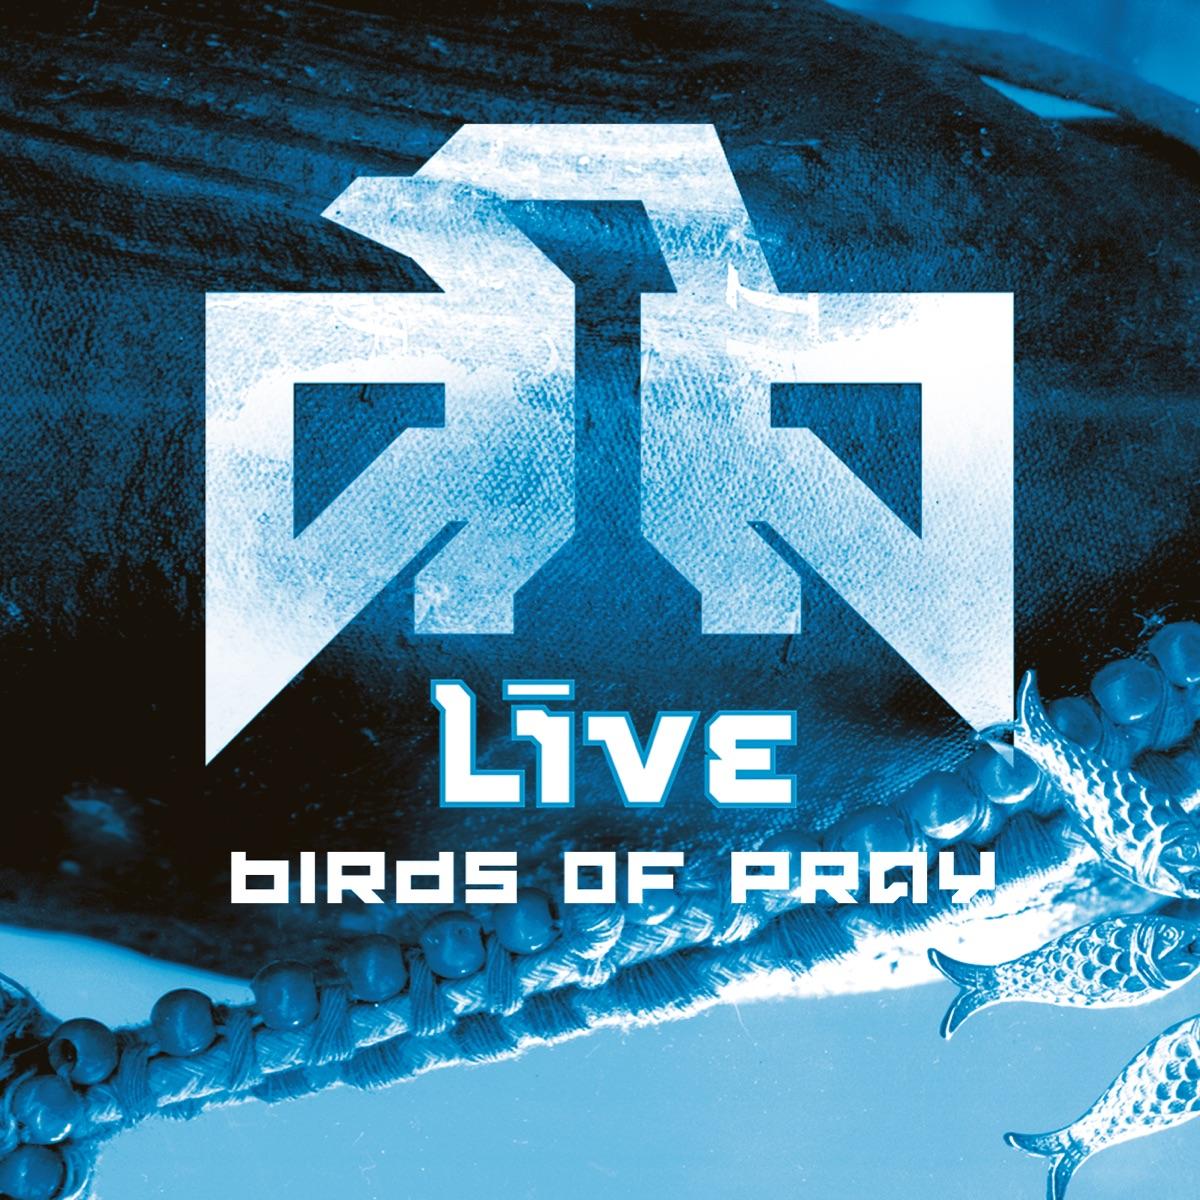 Birds of Pray Album Cover by LIVE